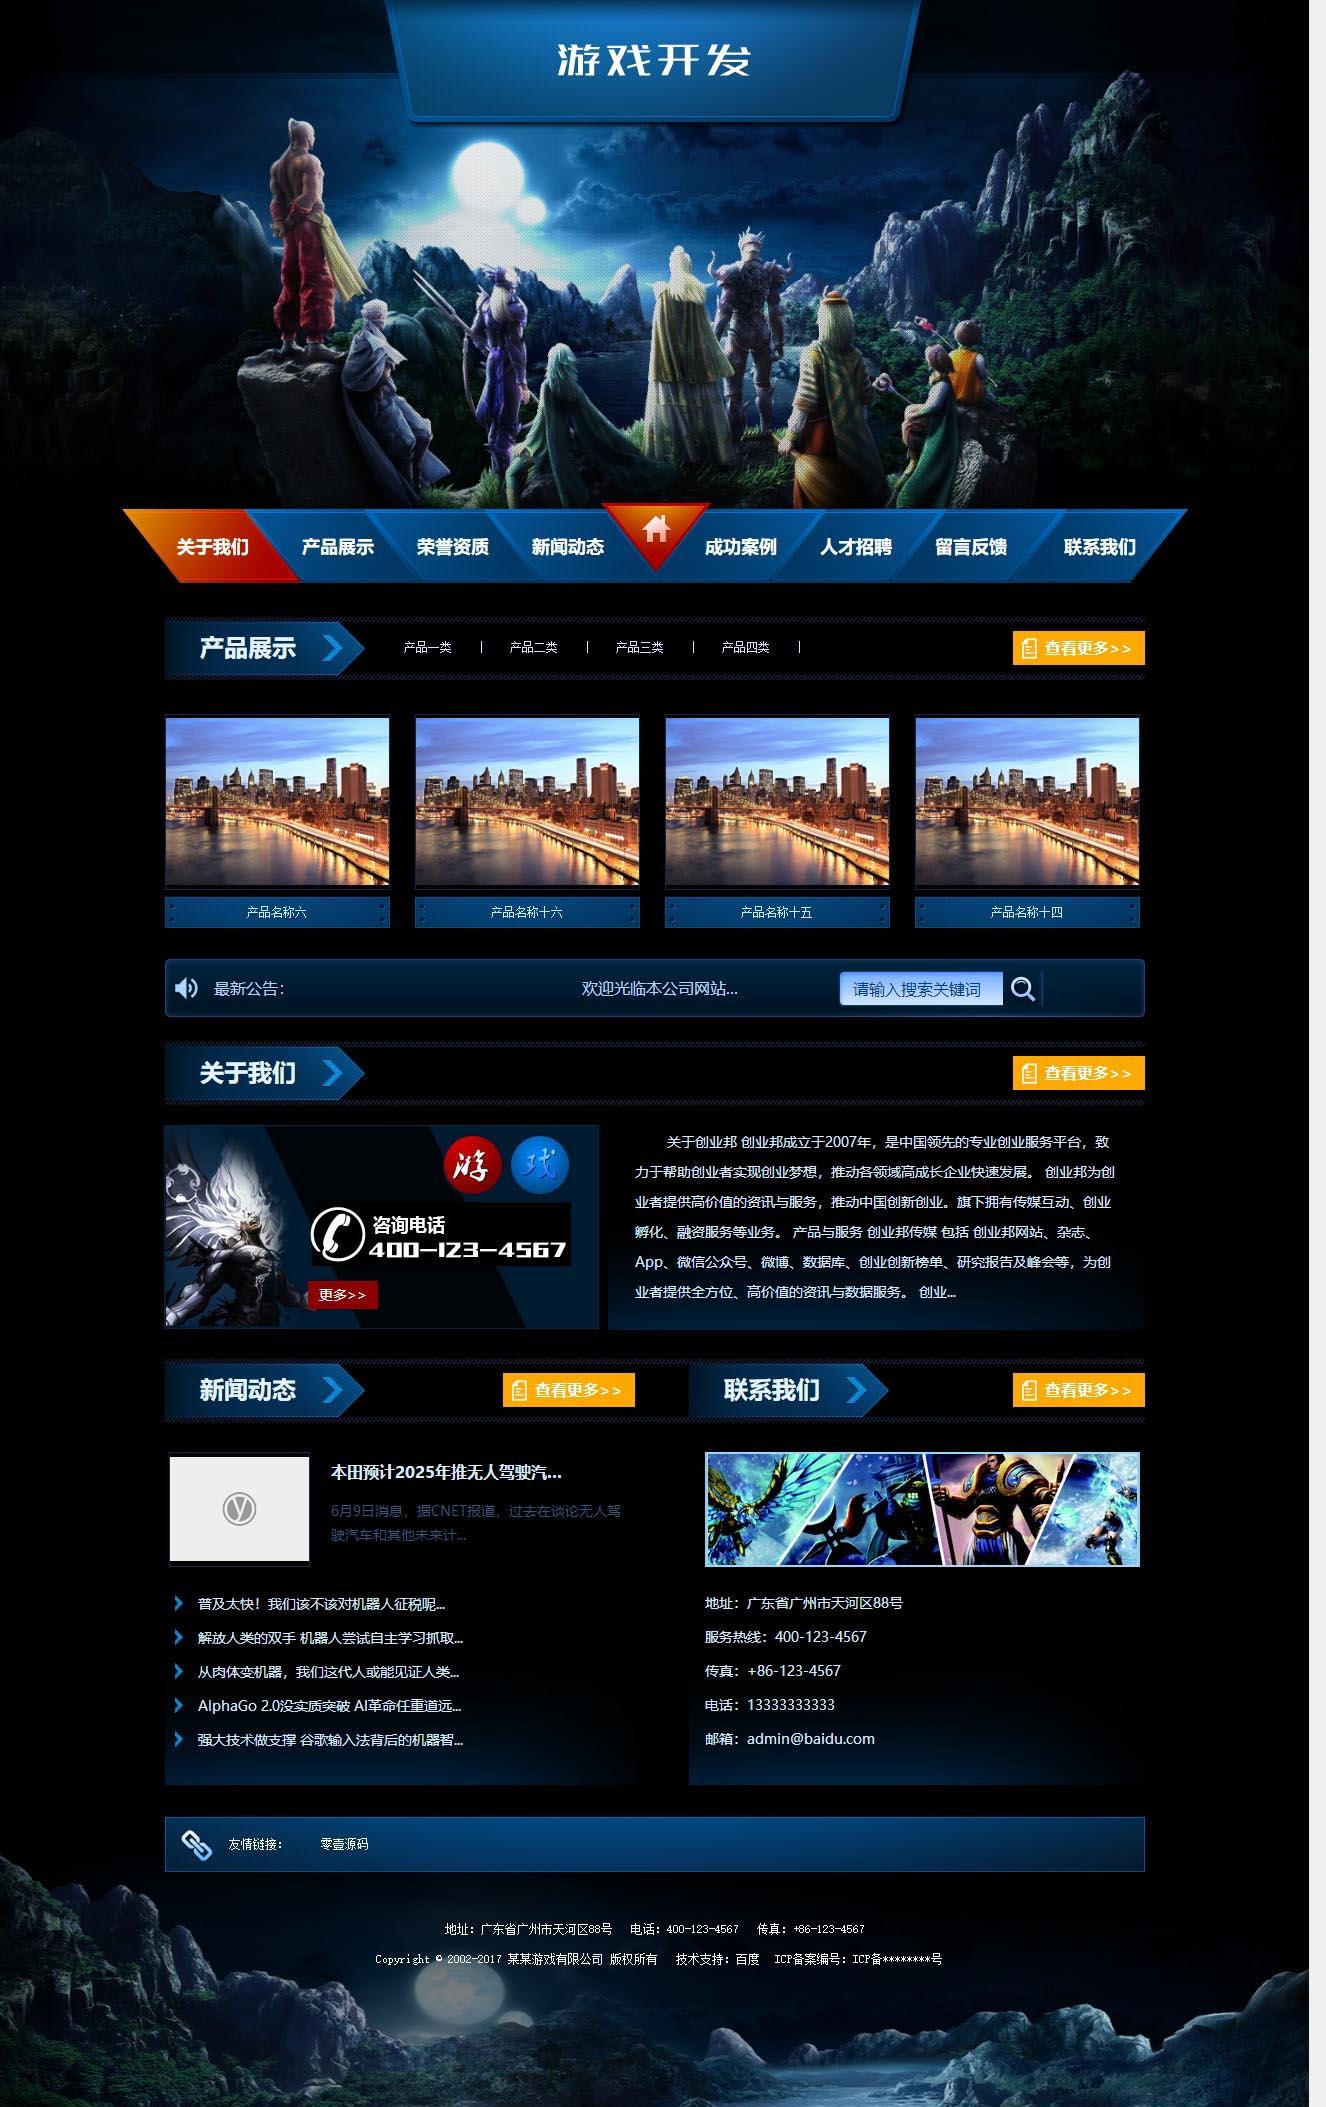 游戏开发手册类网站织梦dedecms模板(带手机端)